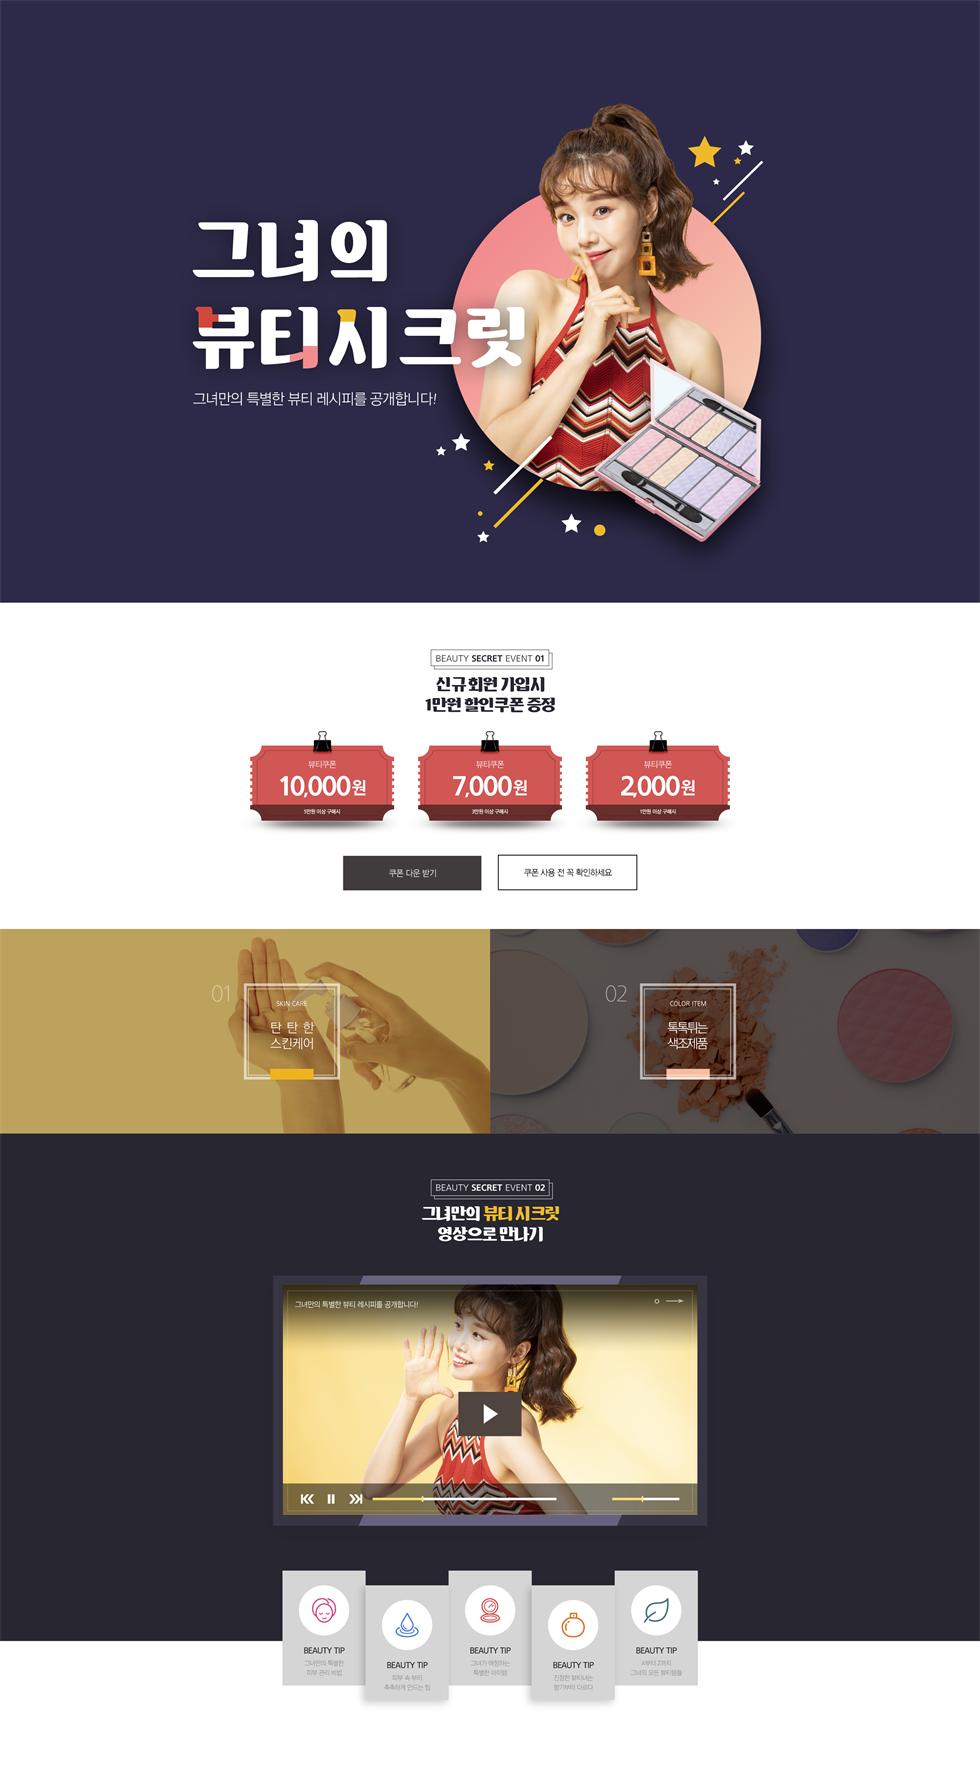 高端简约大气化妆品活动促销专题页面设计模版